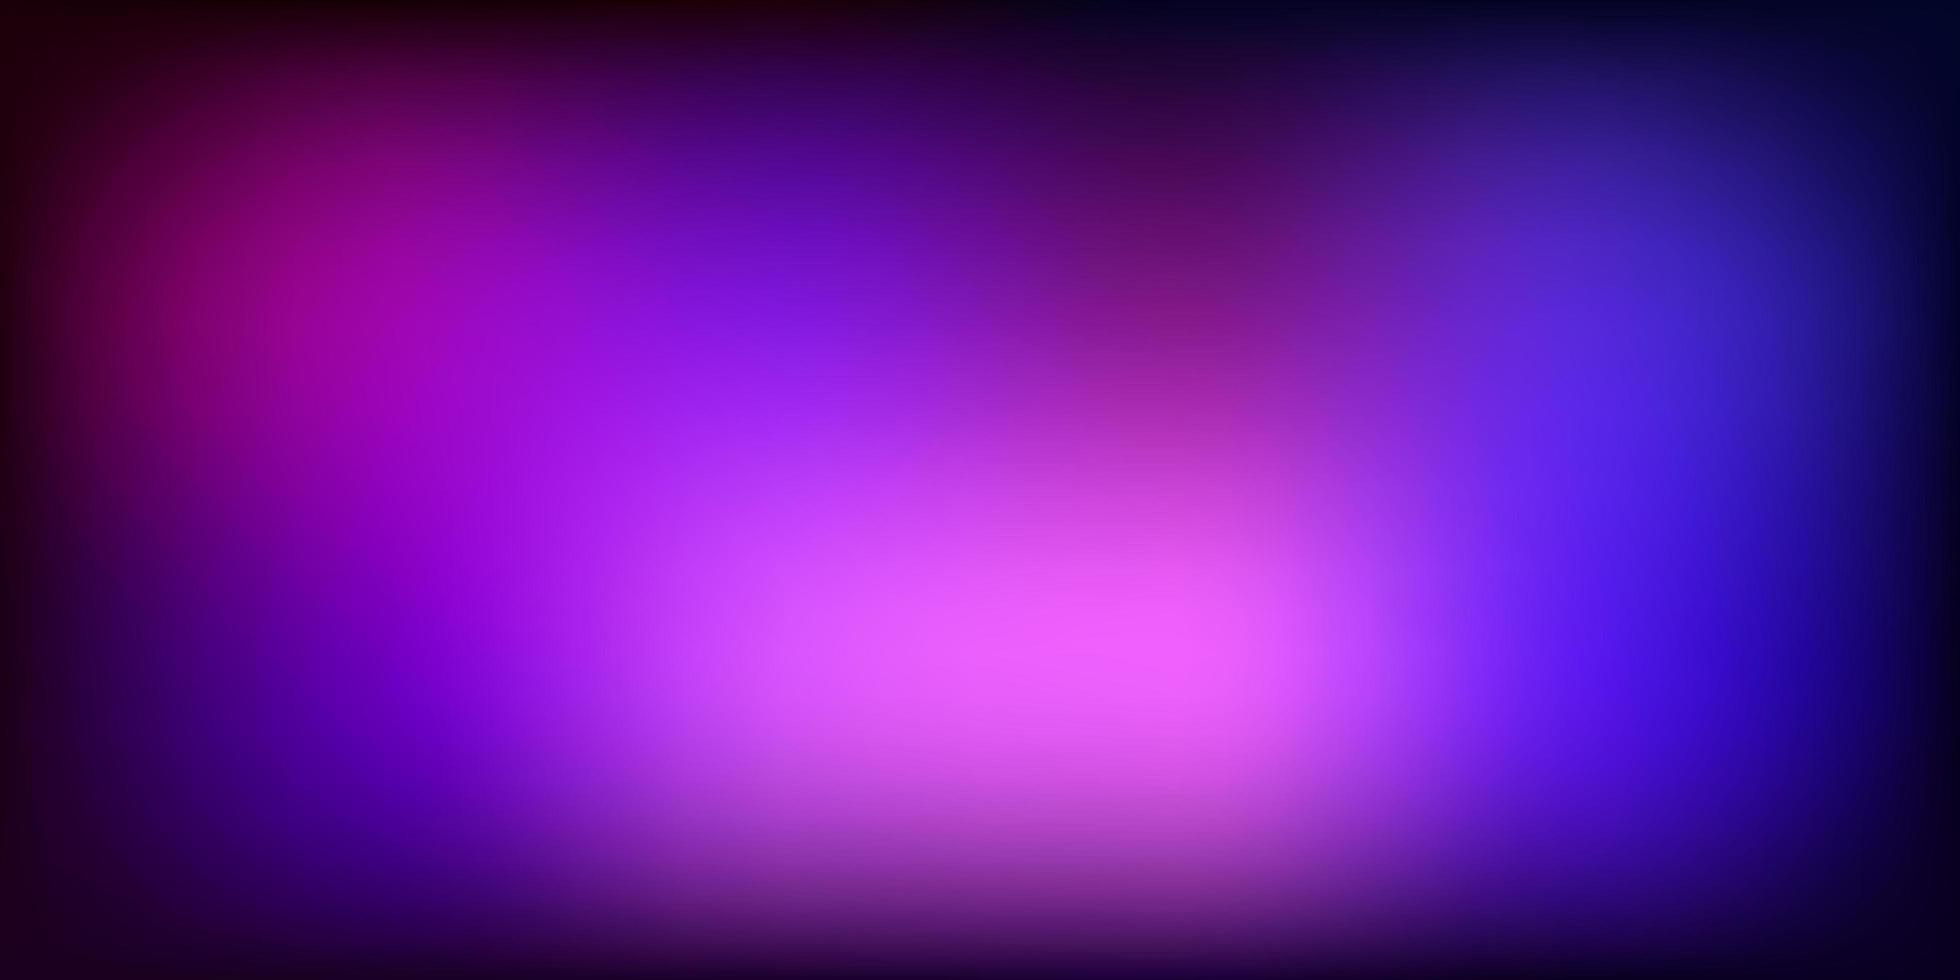 ljusblå, röd vektor abstrakt oskärpa bakgrund.